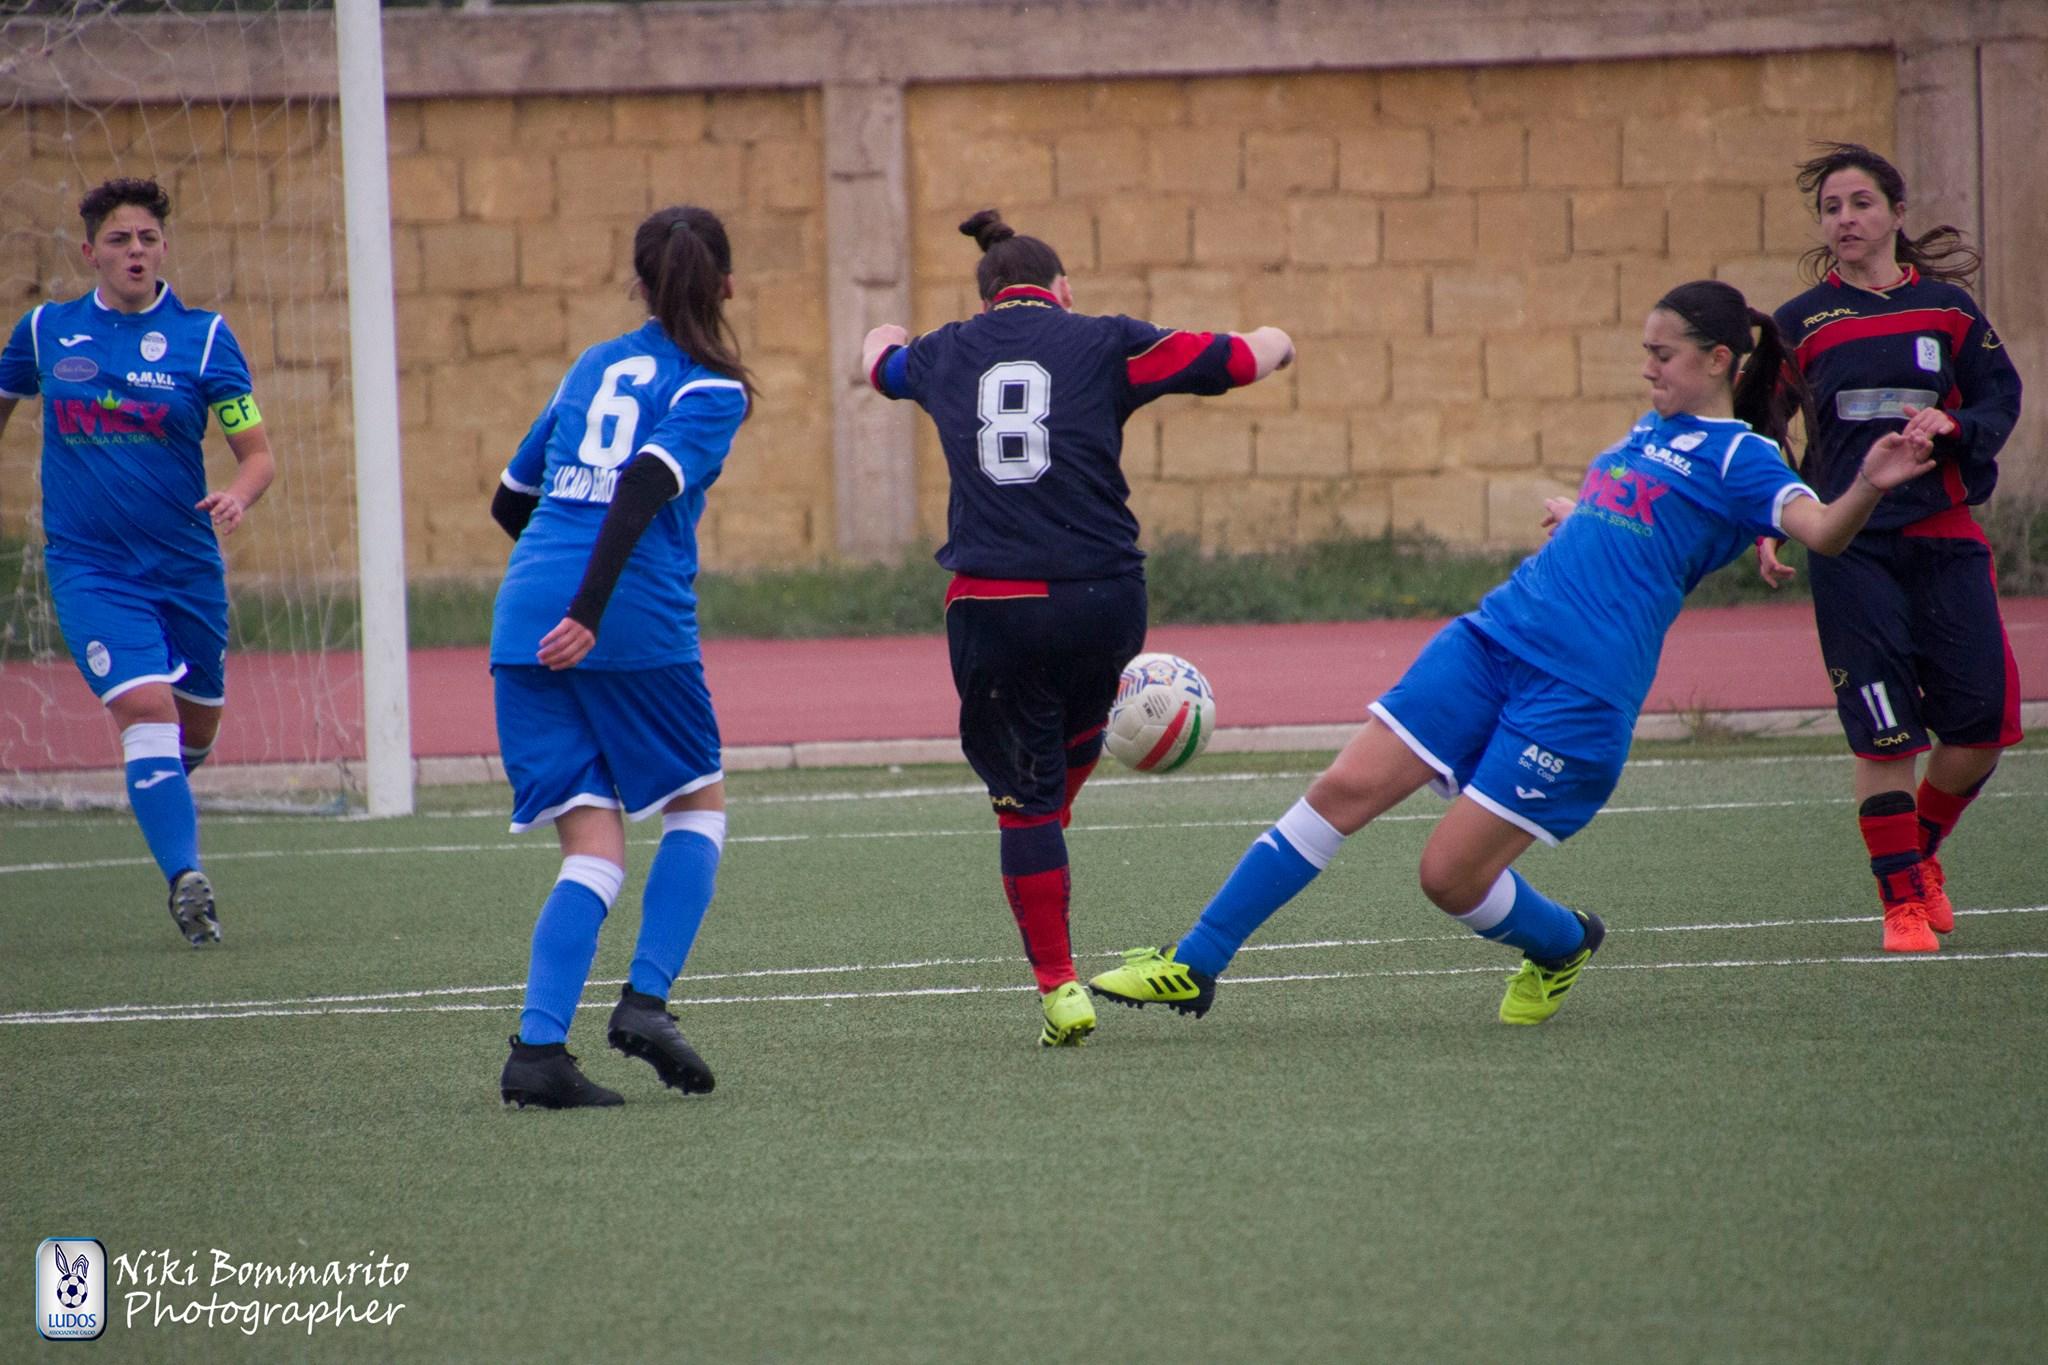 IL Calcio Femminile MARSALA ALLA RICERCA DI RISCATTO